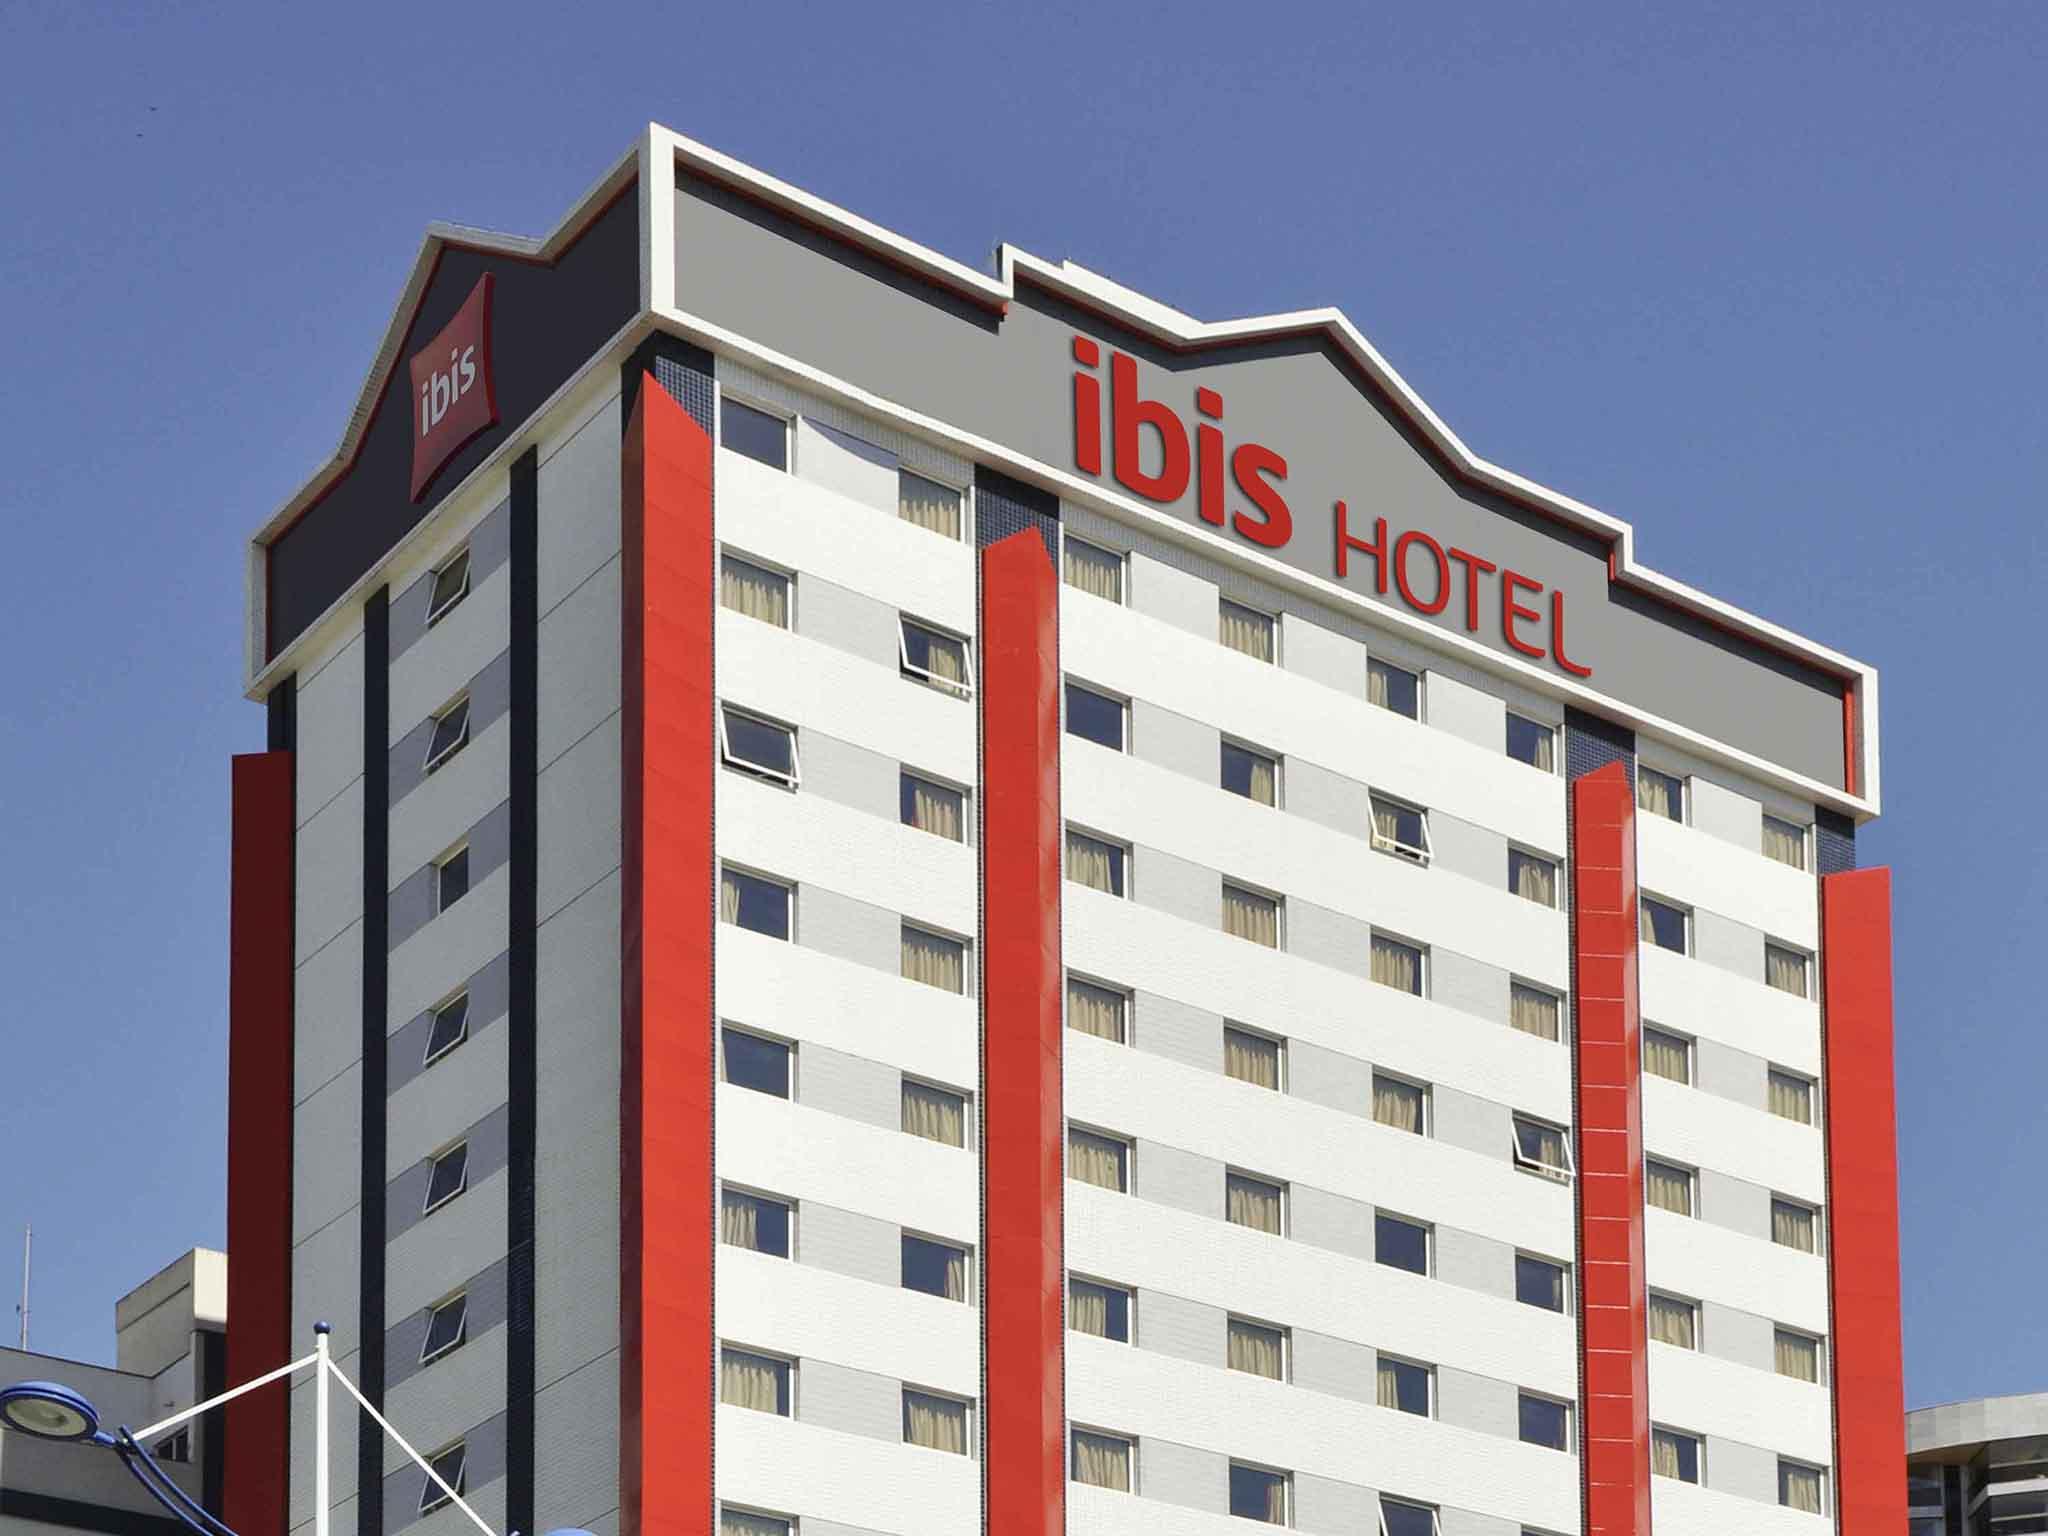 Hotéis ibis abrem as portas para quem quiser fazer do hotel o seu escritório